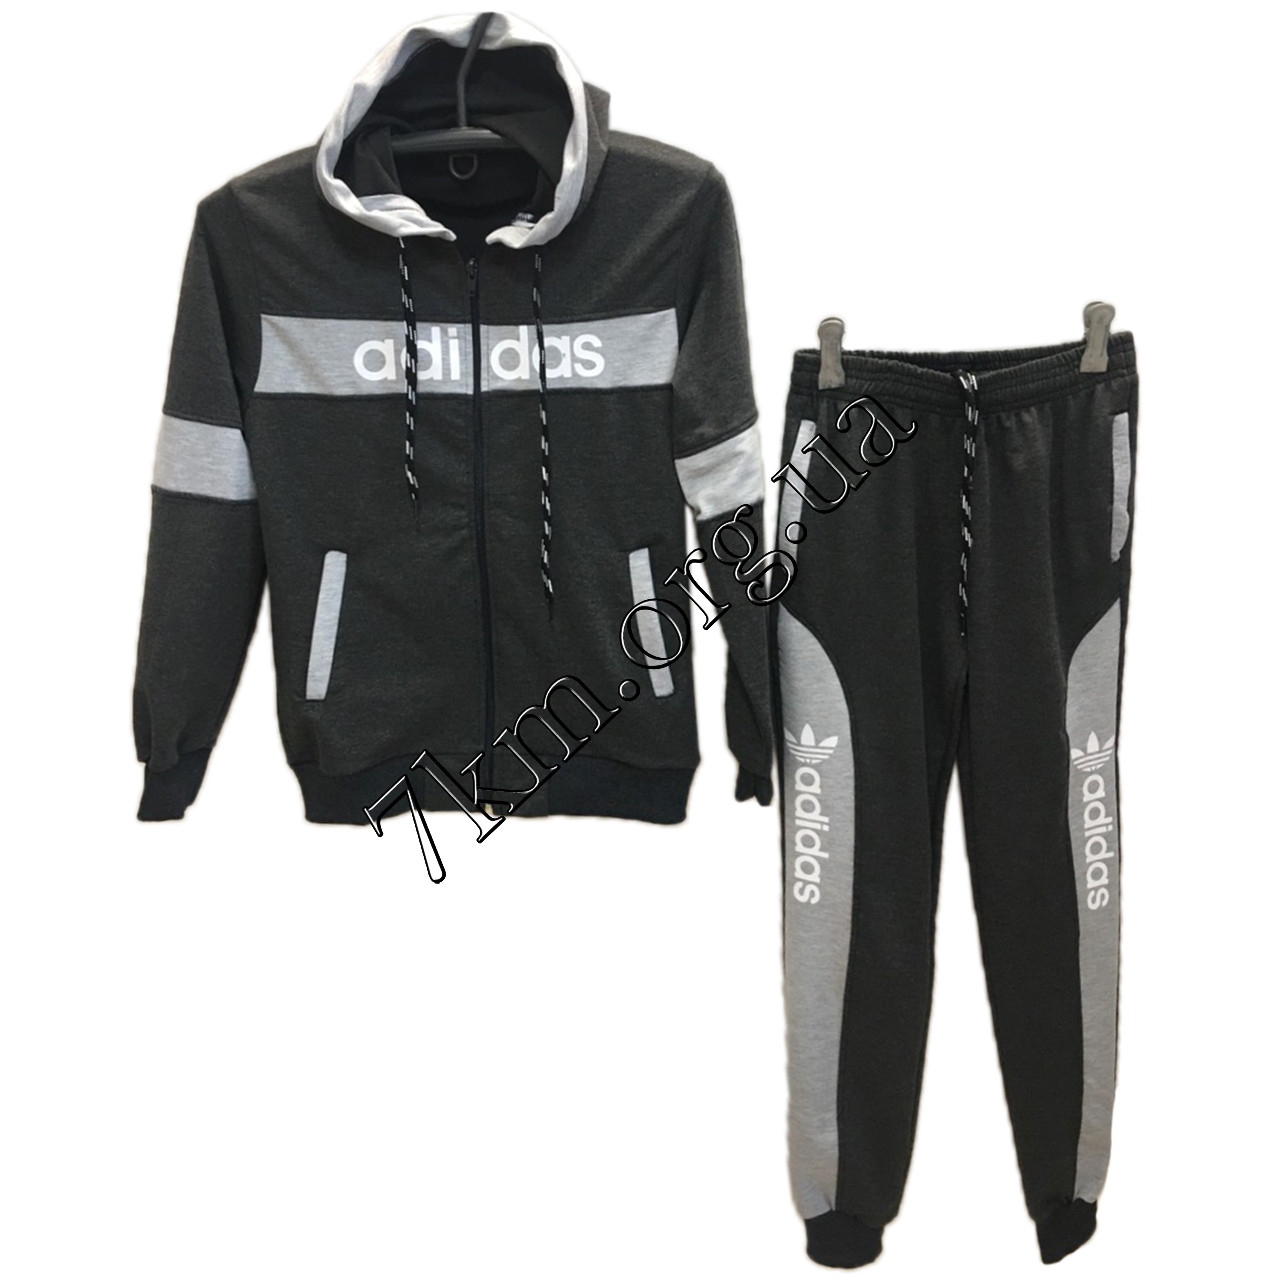 """Спортивный костюм подростковый для мальчиков Реплика """"adidas"""" 10-16 лет Оптом 020705-1"""